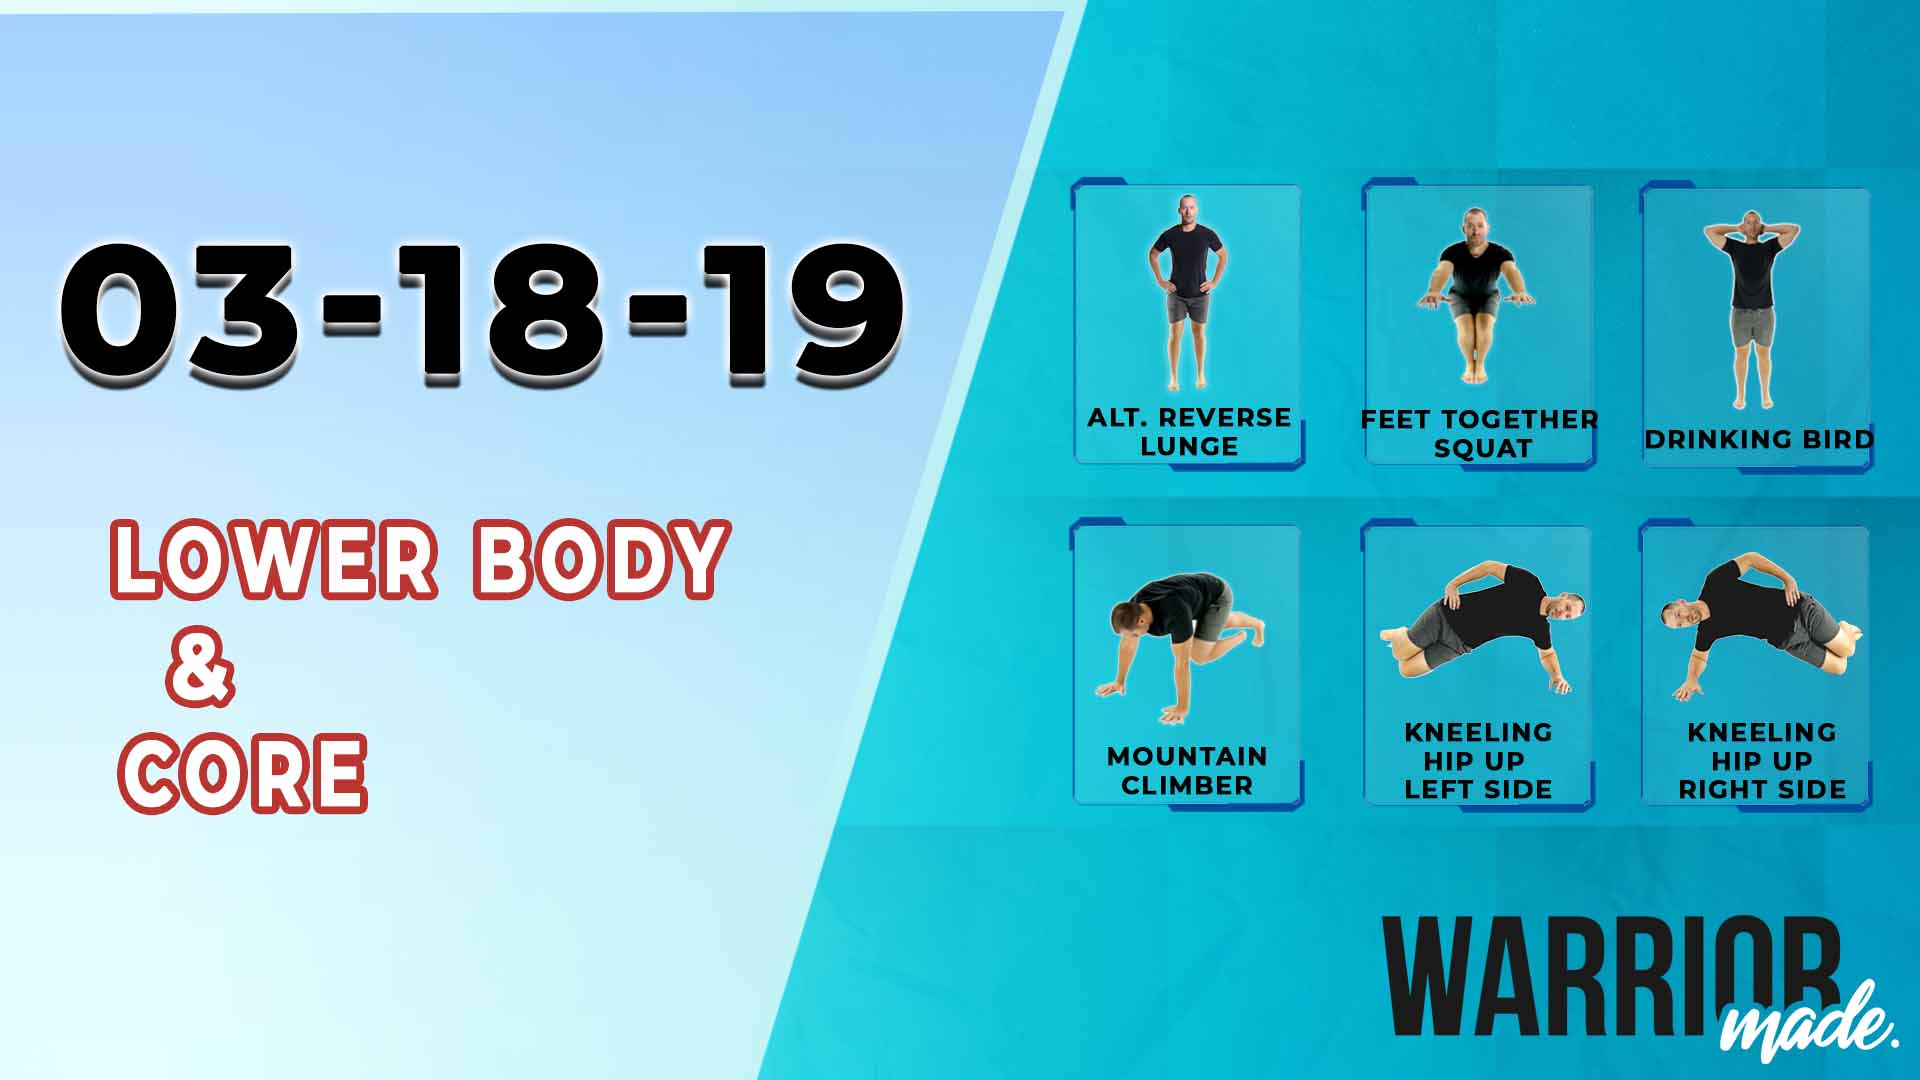 workouts-03-18-19